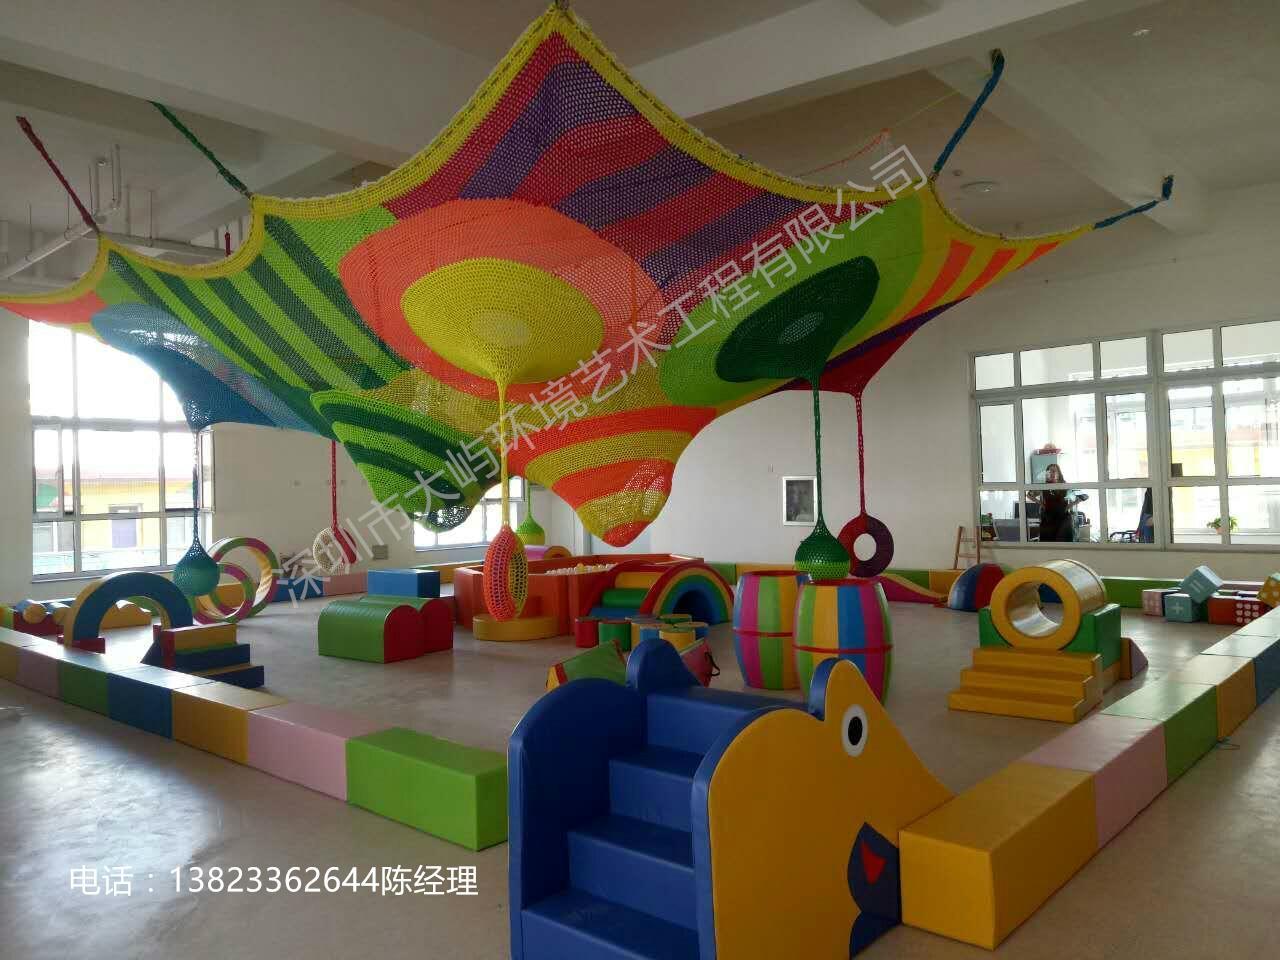 彩虹網儿童攀爬網 3